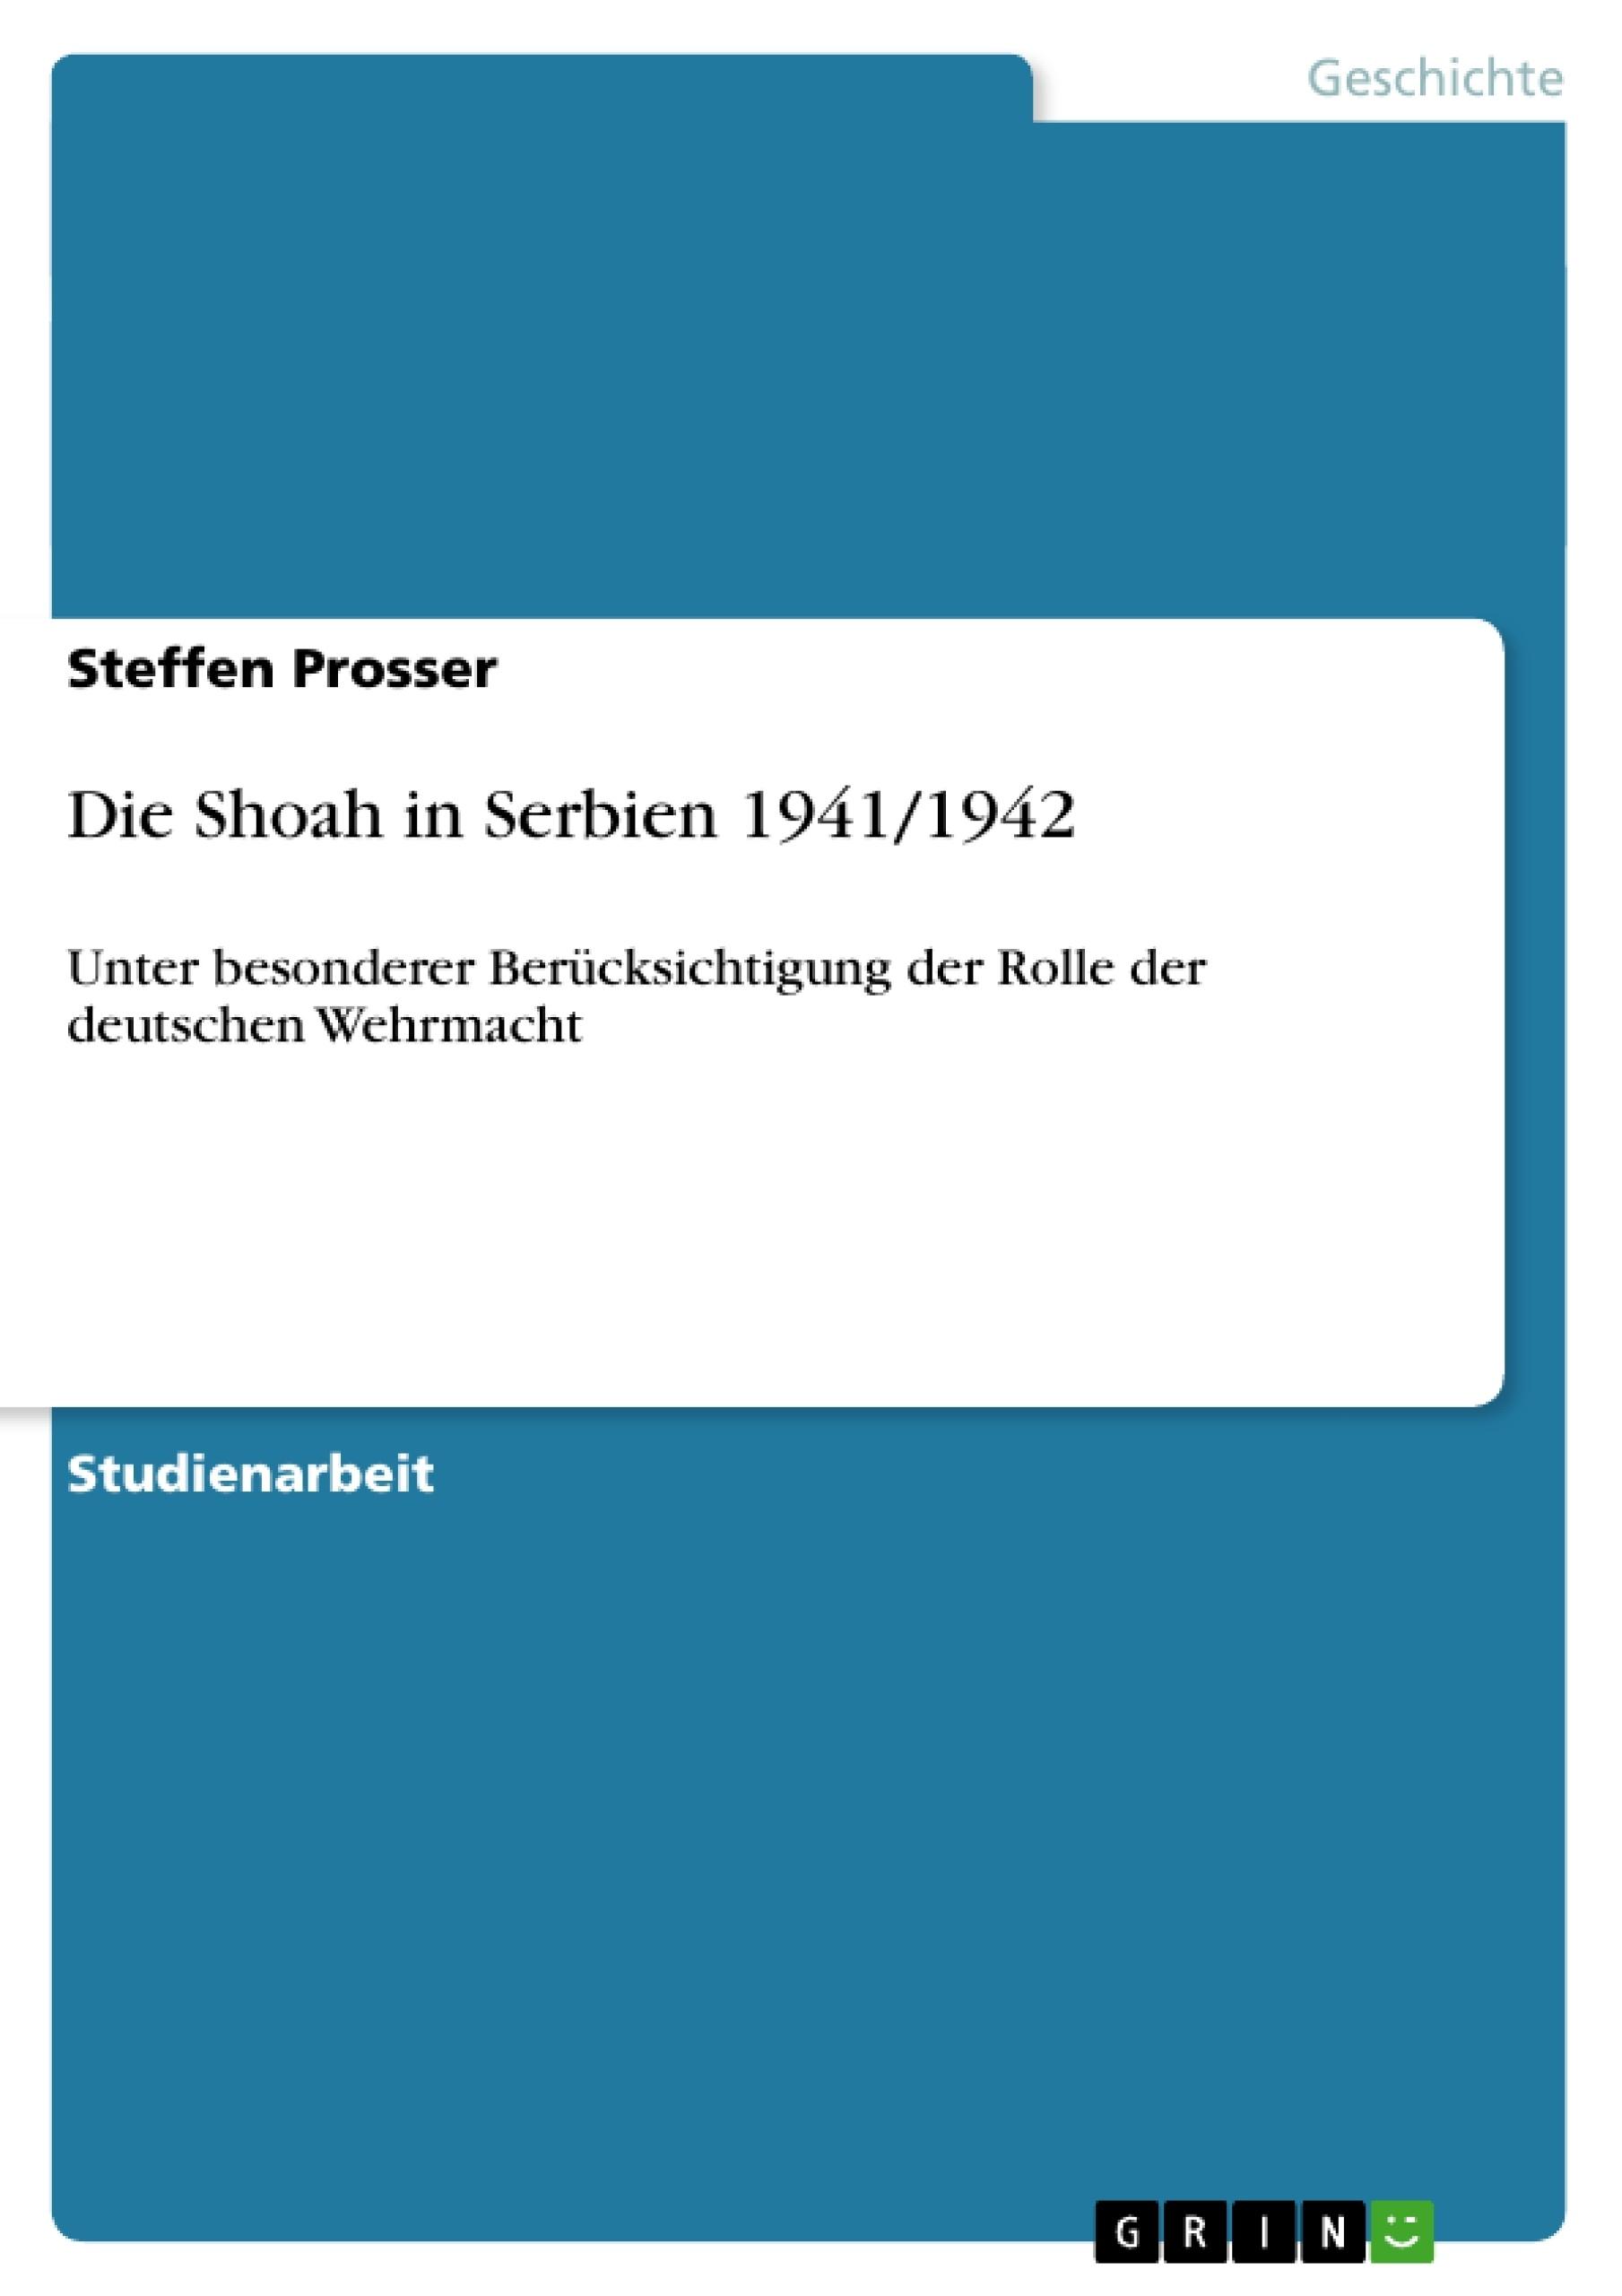 Titel: Die Shoah in Serbien 1941/1942